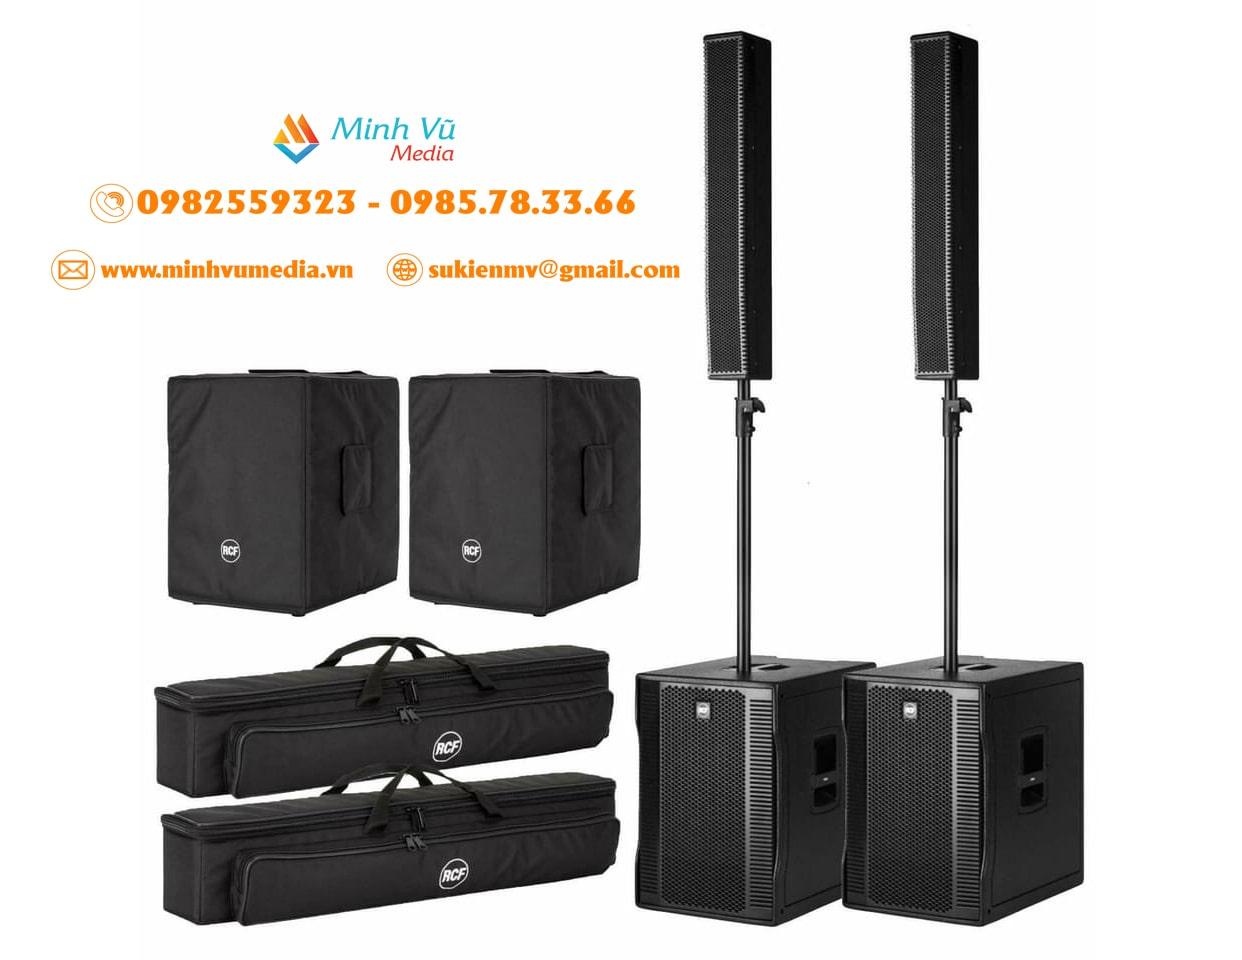 Cho thuê bộ loa RCF Evox 12 nhập khẩu âm thanh đỉnh cao